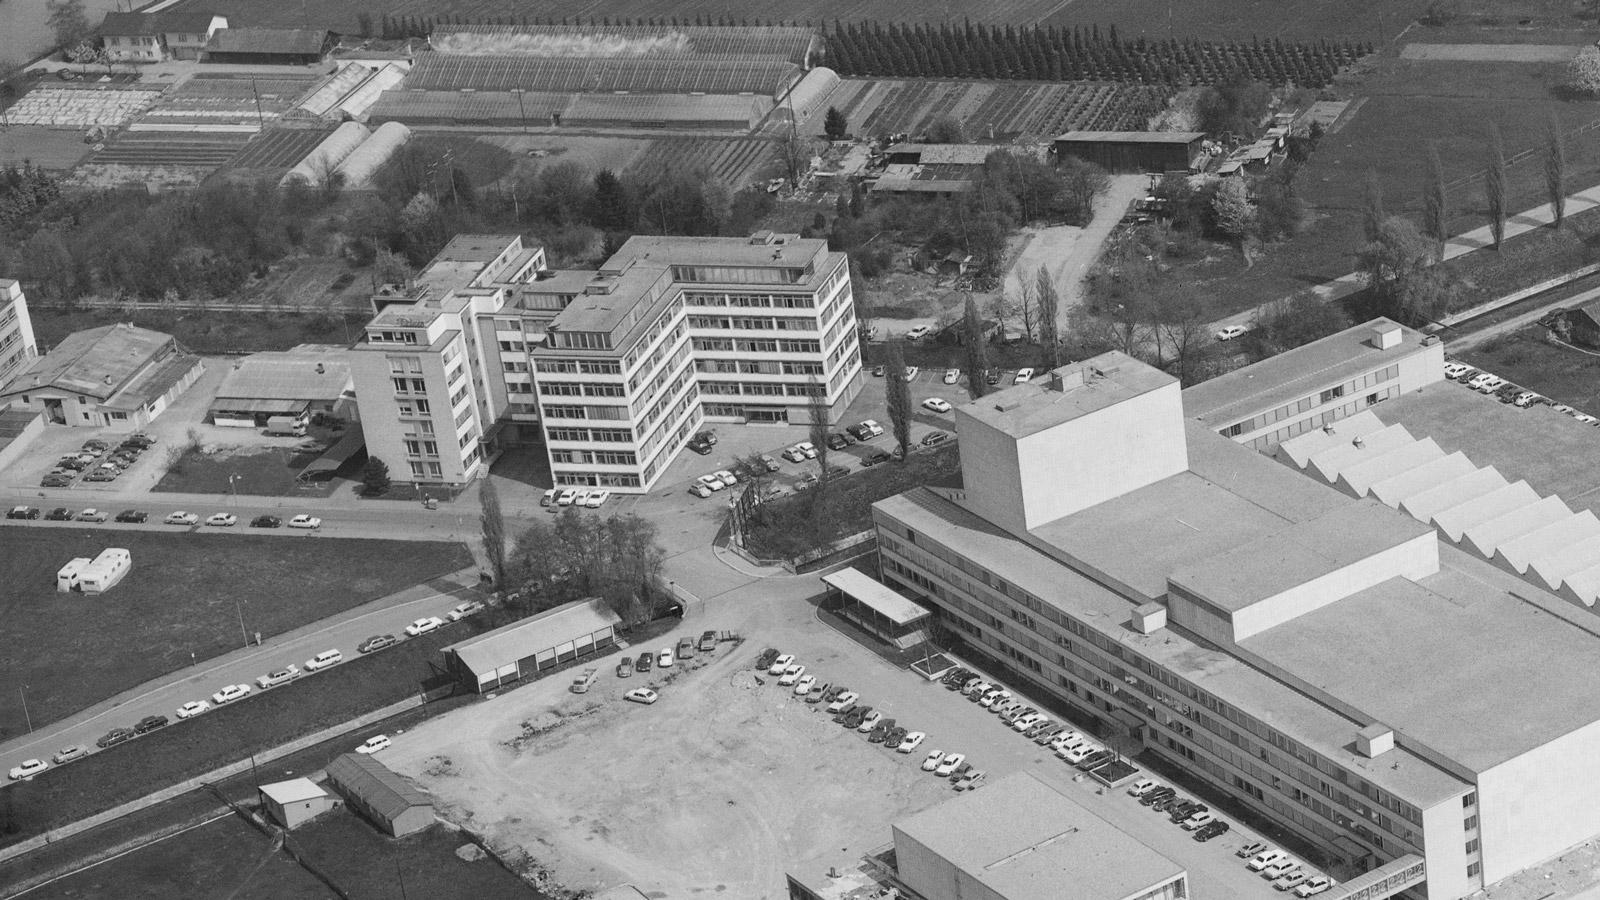 izenz: CC BY-SA 4.0 Nutzung: Download und Nutzung frei Bildnachweis: ETH-Bibliothek Zürich, Bildarchiv/Stiftung Luftbild Schweiz / Fotograf: Swissair Photo AG / LBS_IN-051171-02 / CC BY-SA 4.0